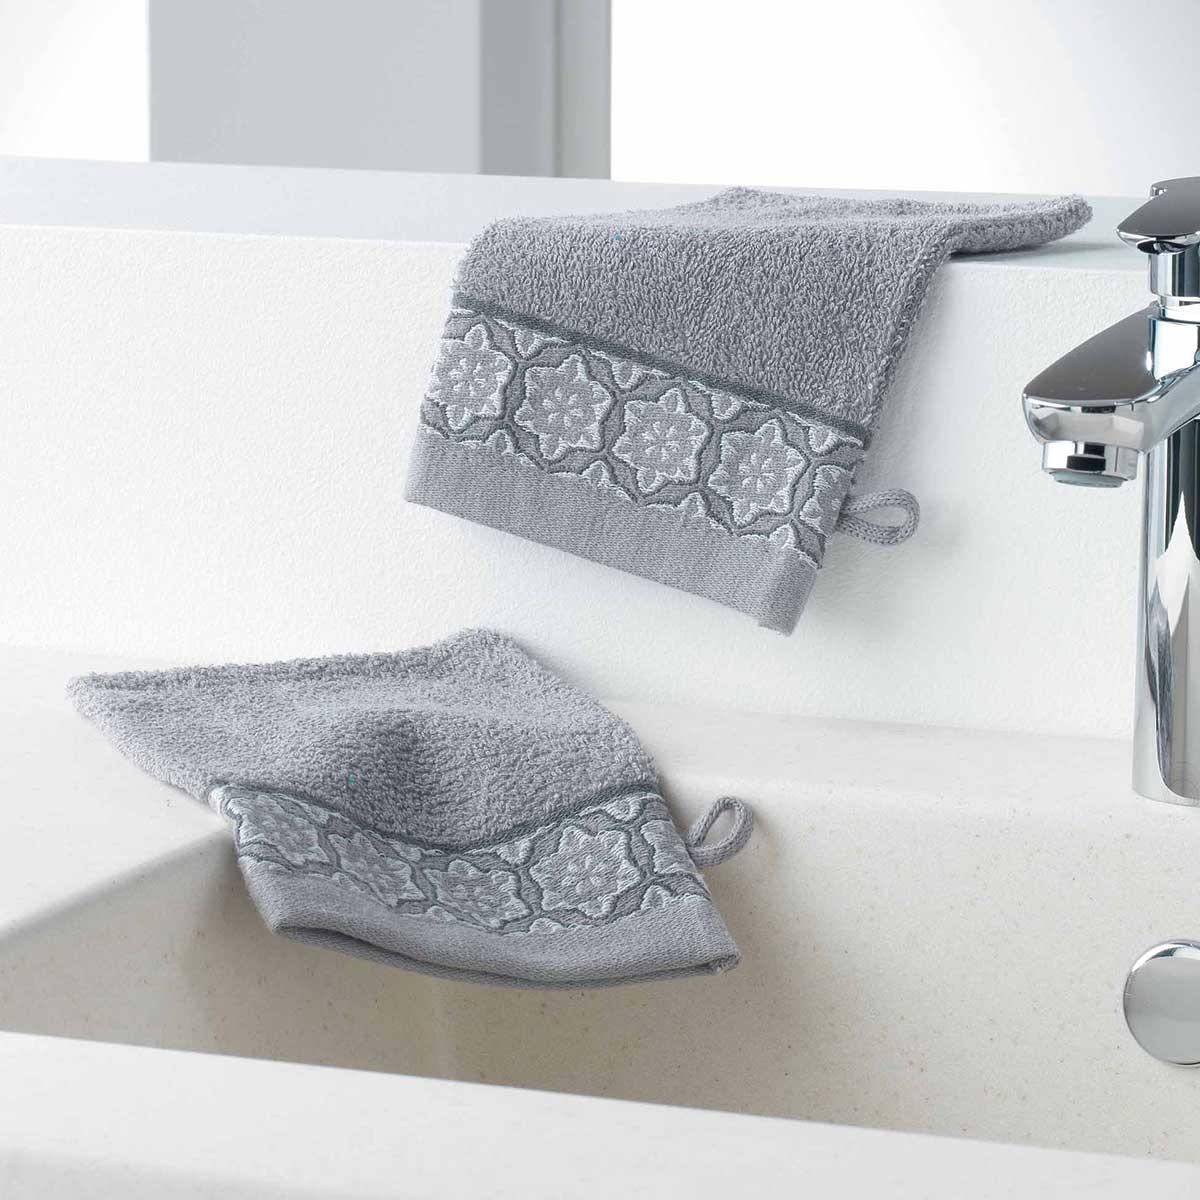 Gants de Toilette en Eponge Unie avec Liteau Jacquard (Gris)